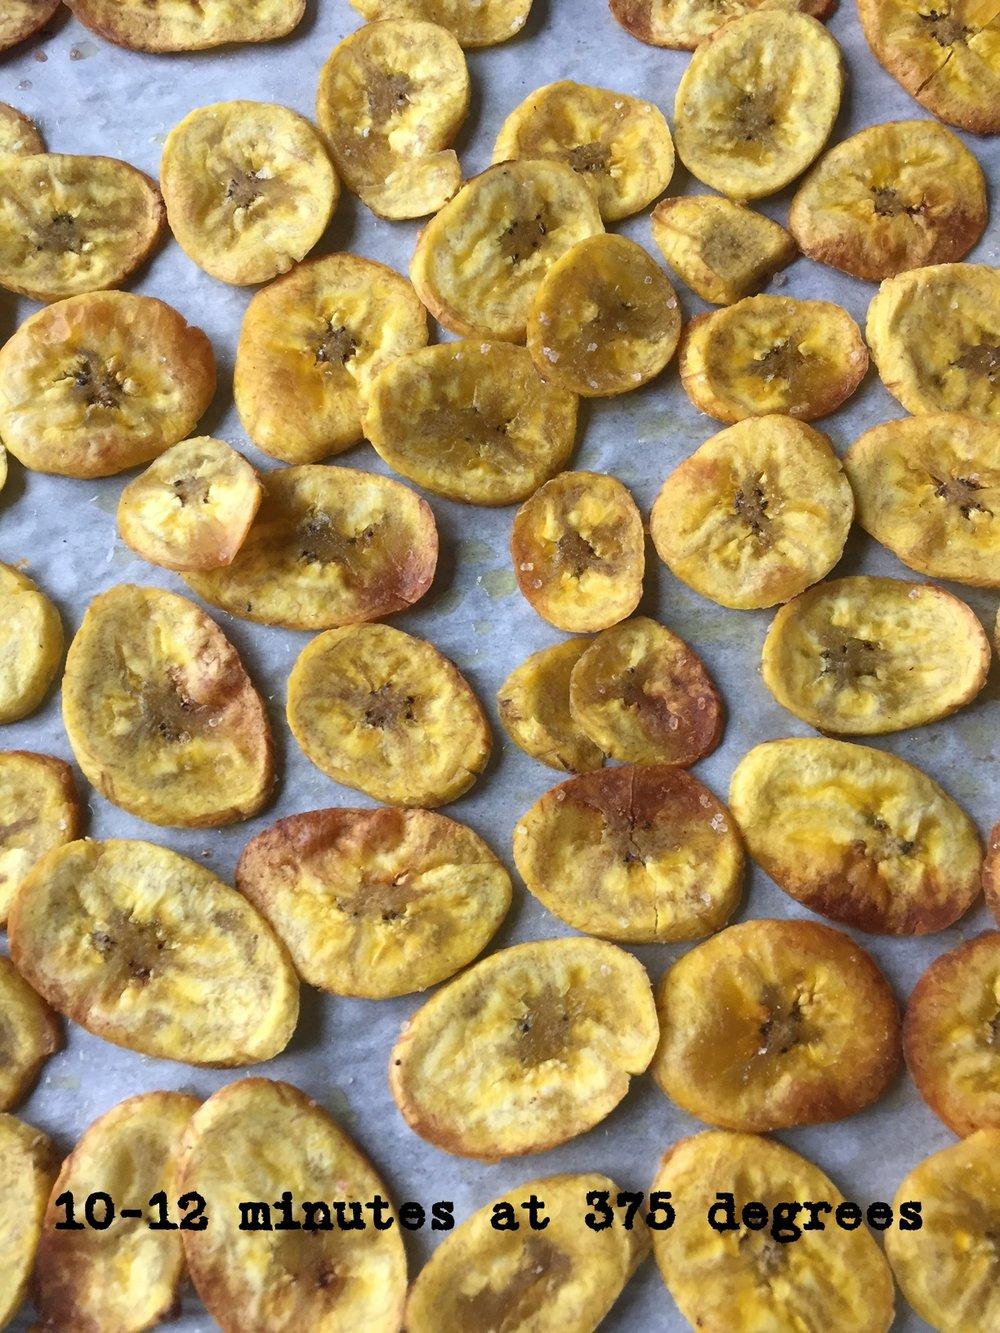 baked-chips.jpg